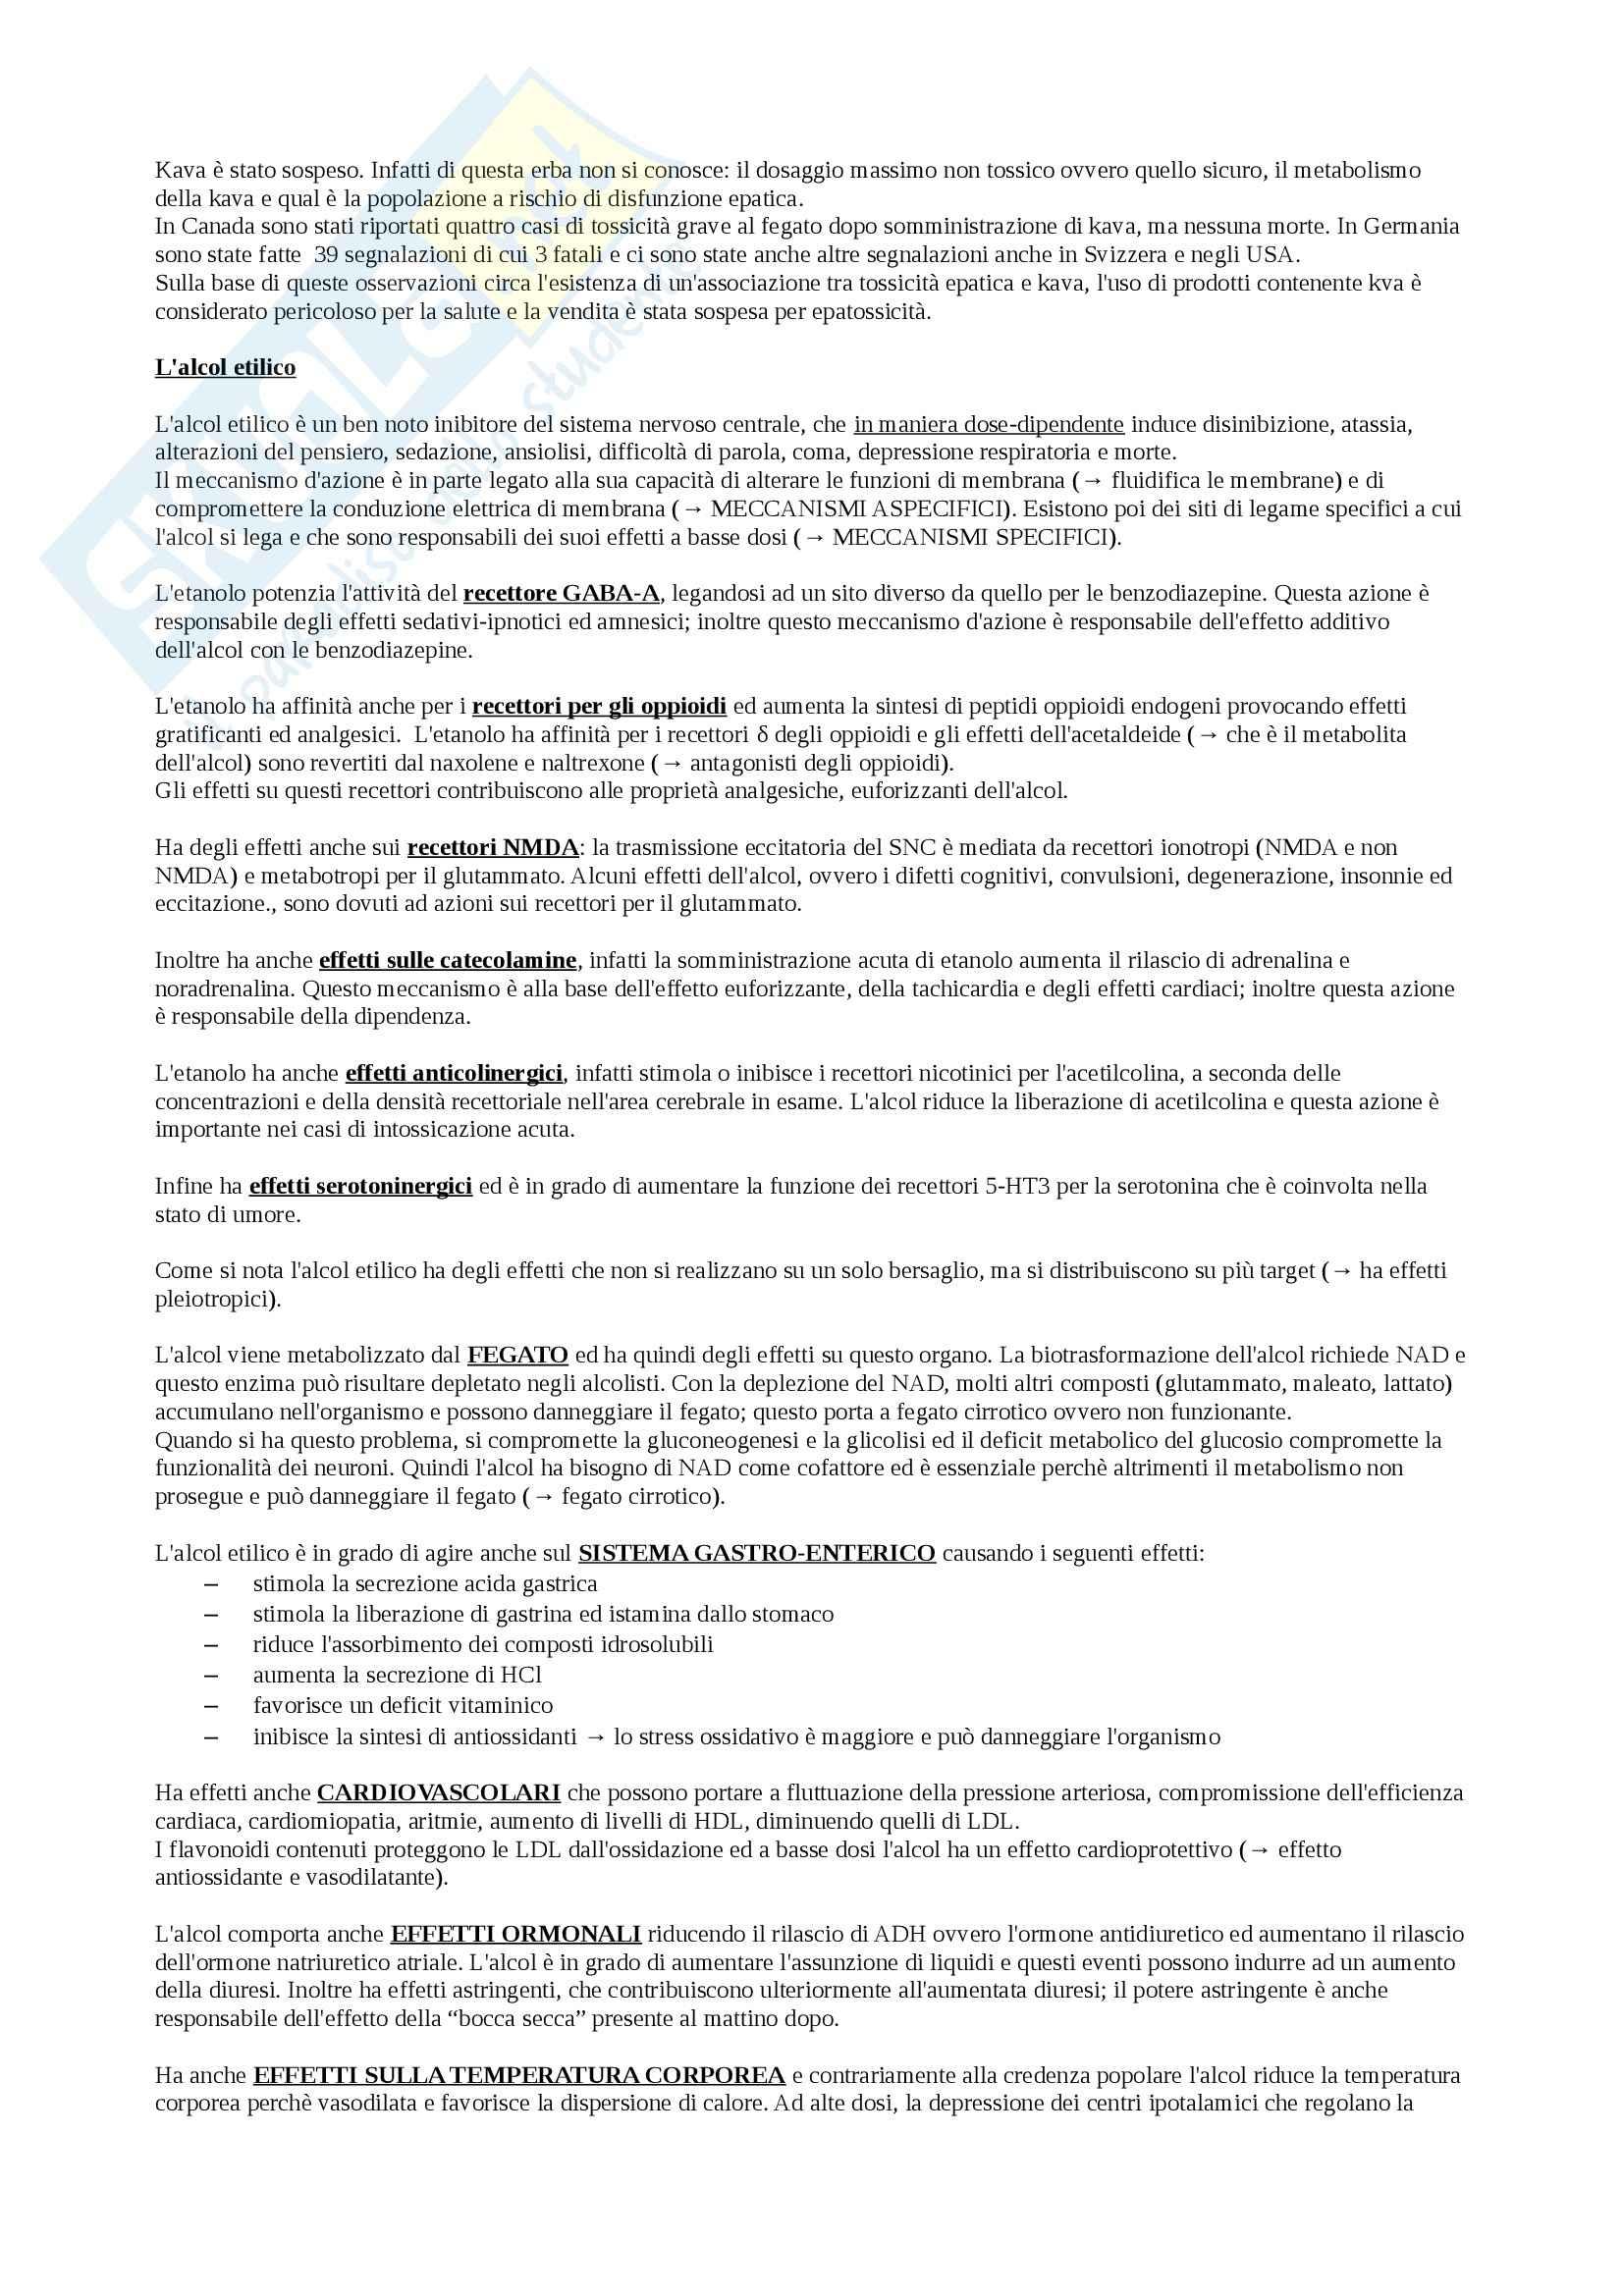 Farmacologia e farmacognosia - Appunti Pag. 71